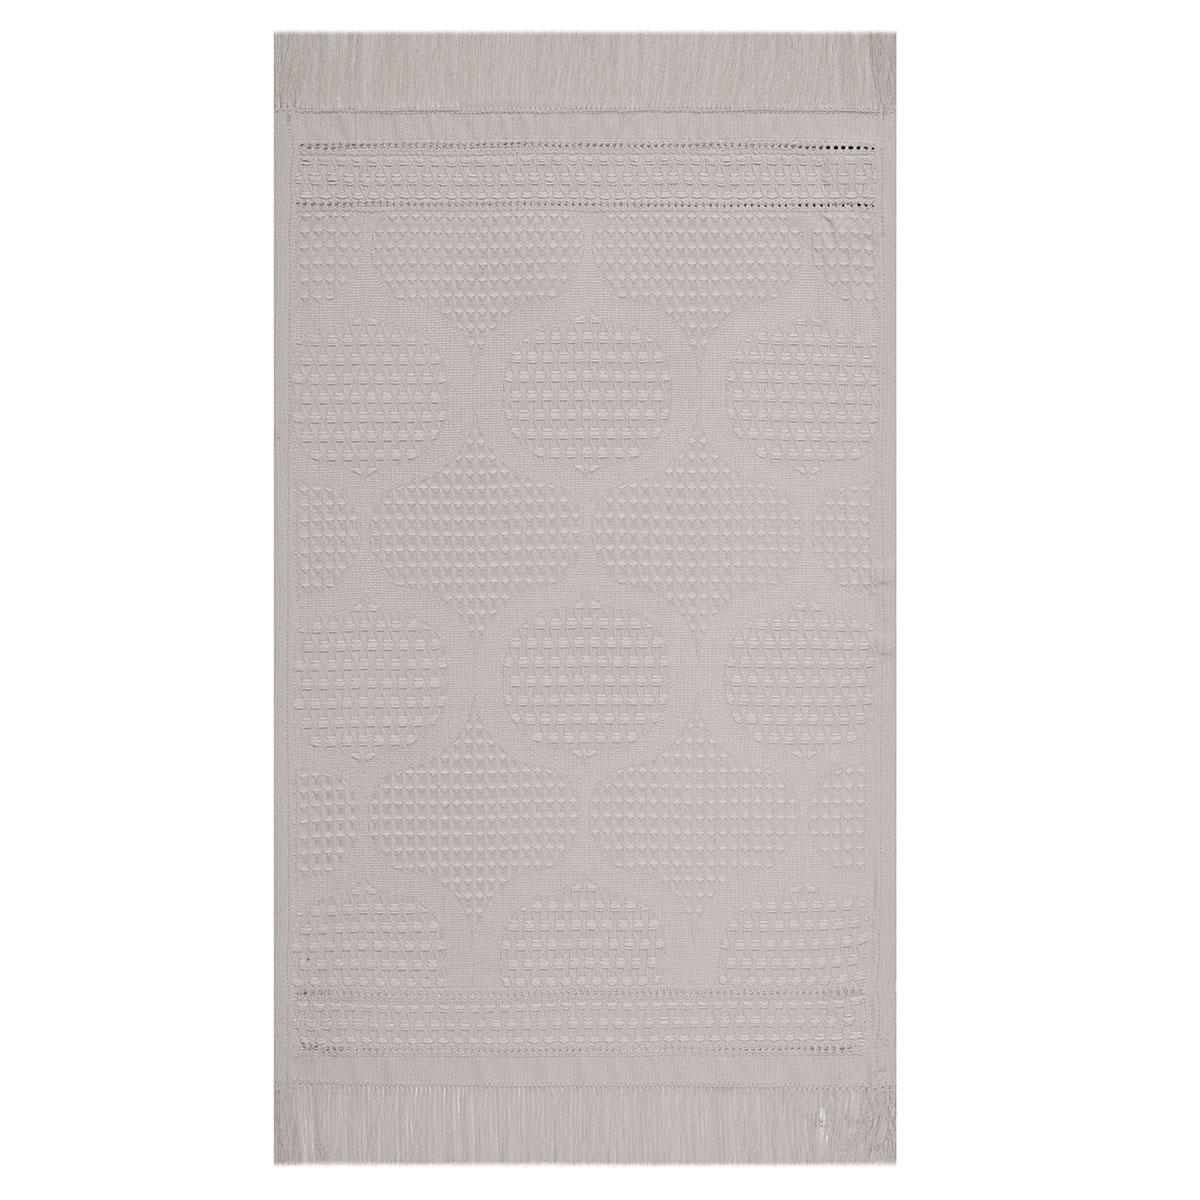 Serviette en coton argile 30 x 50